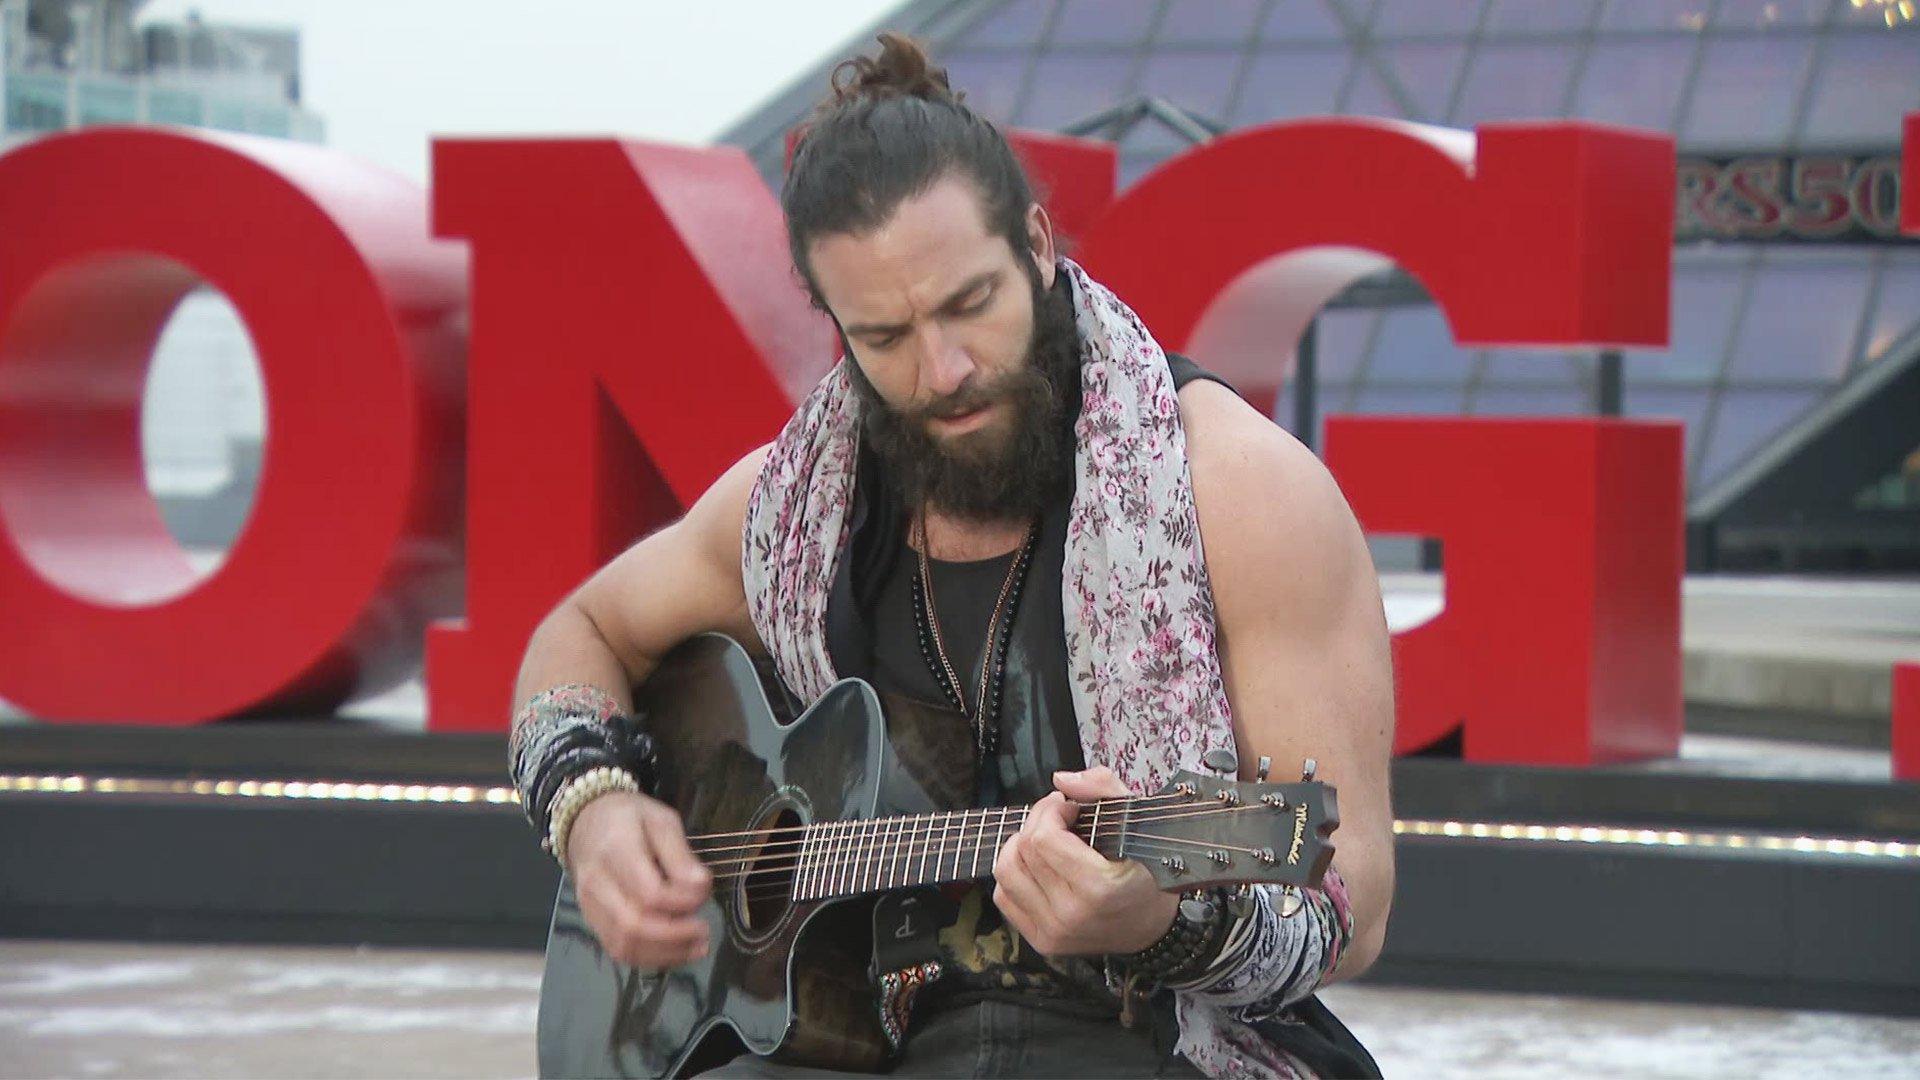 Elias joue devant le Hall of Fame Rock & Roll: Exclusivité WWE.fr, 11 Décembre 2017.